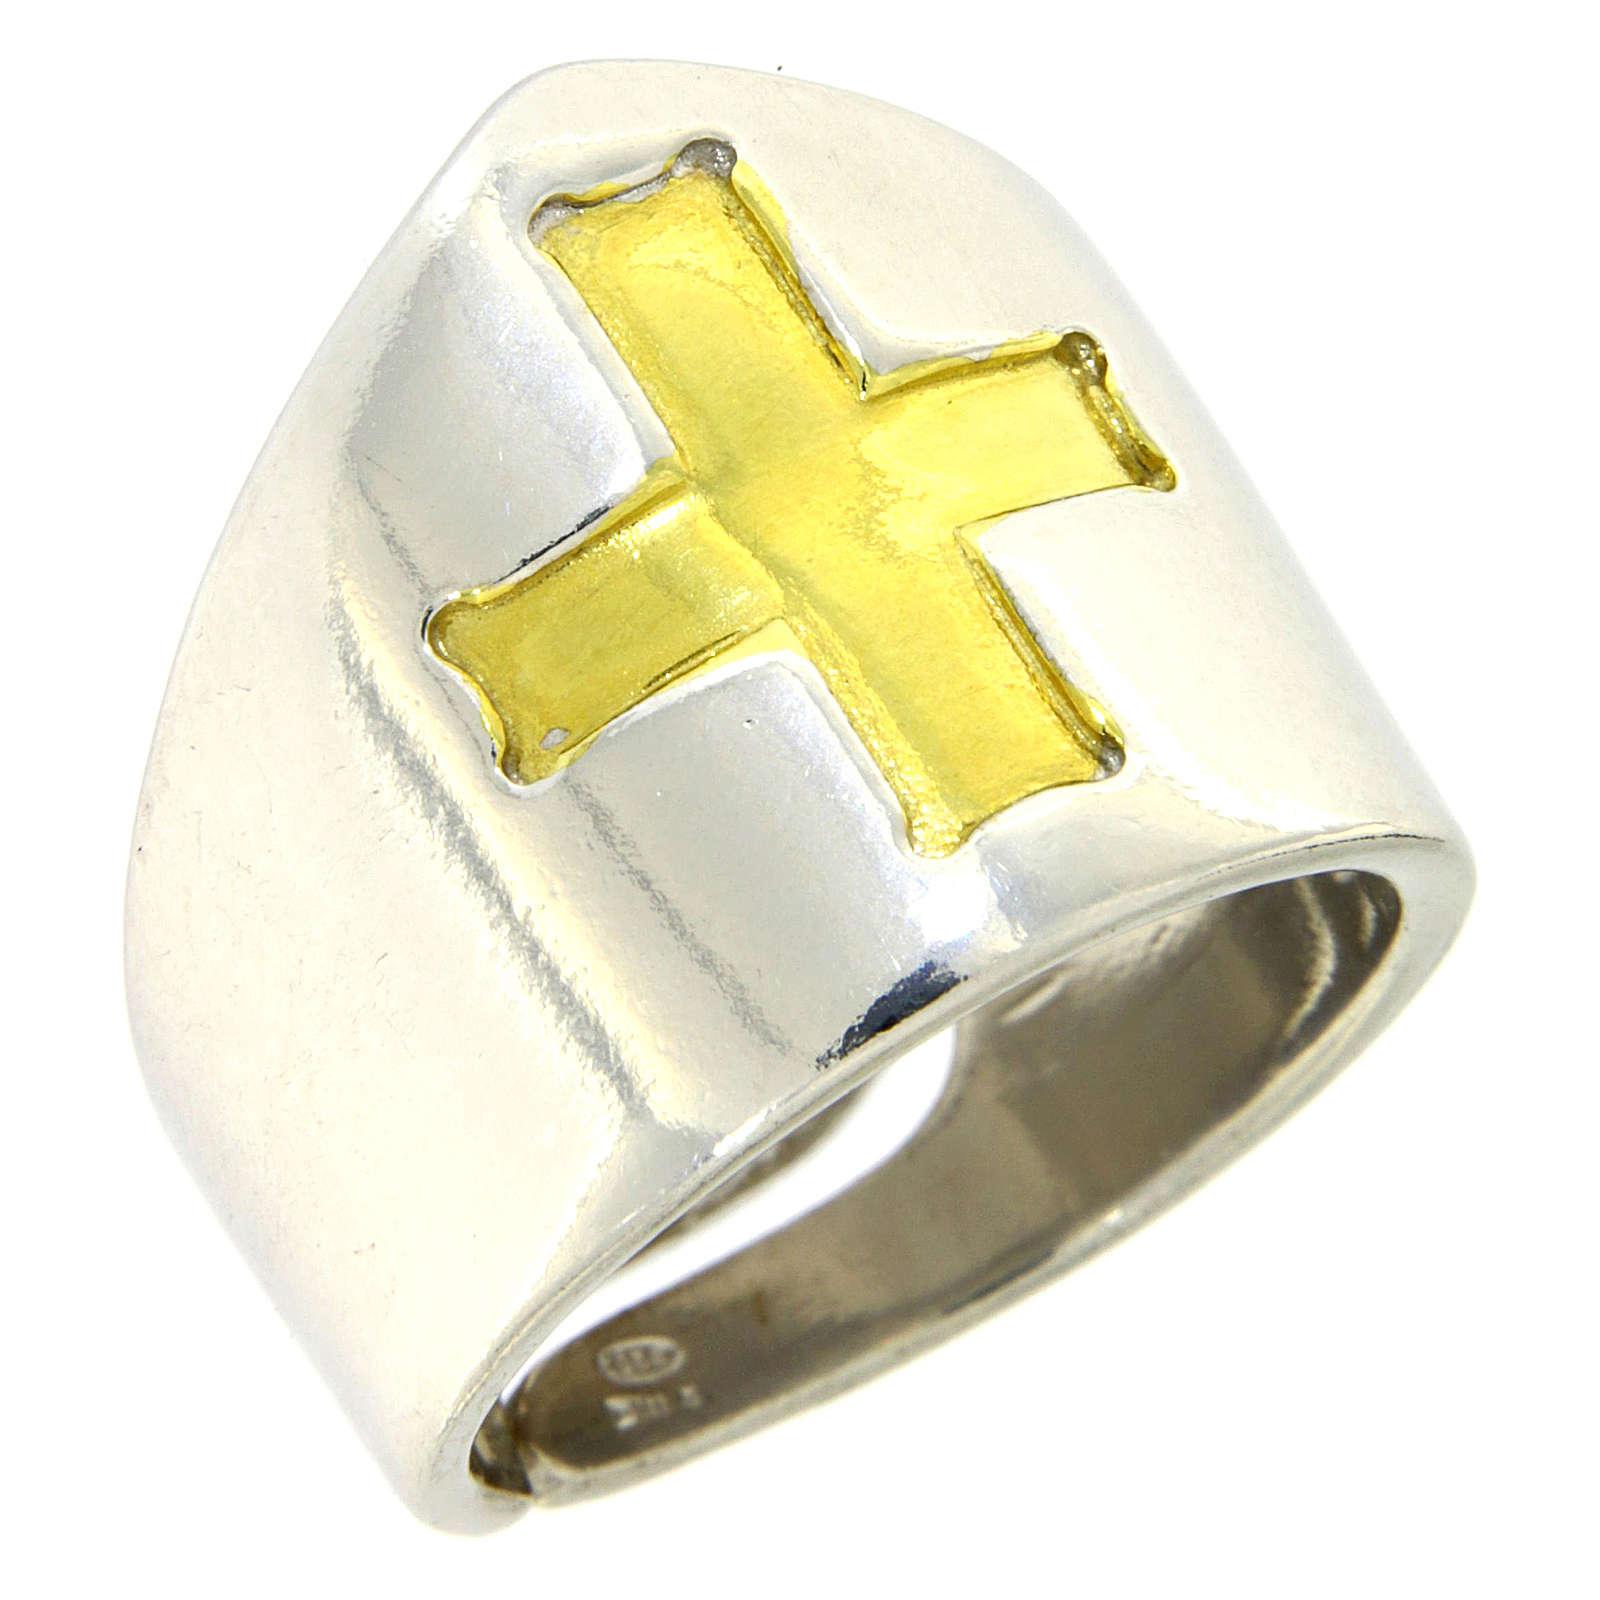 Anello Vescovile croce Argento 925 bicolore 3